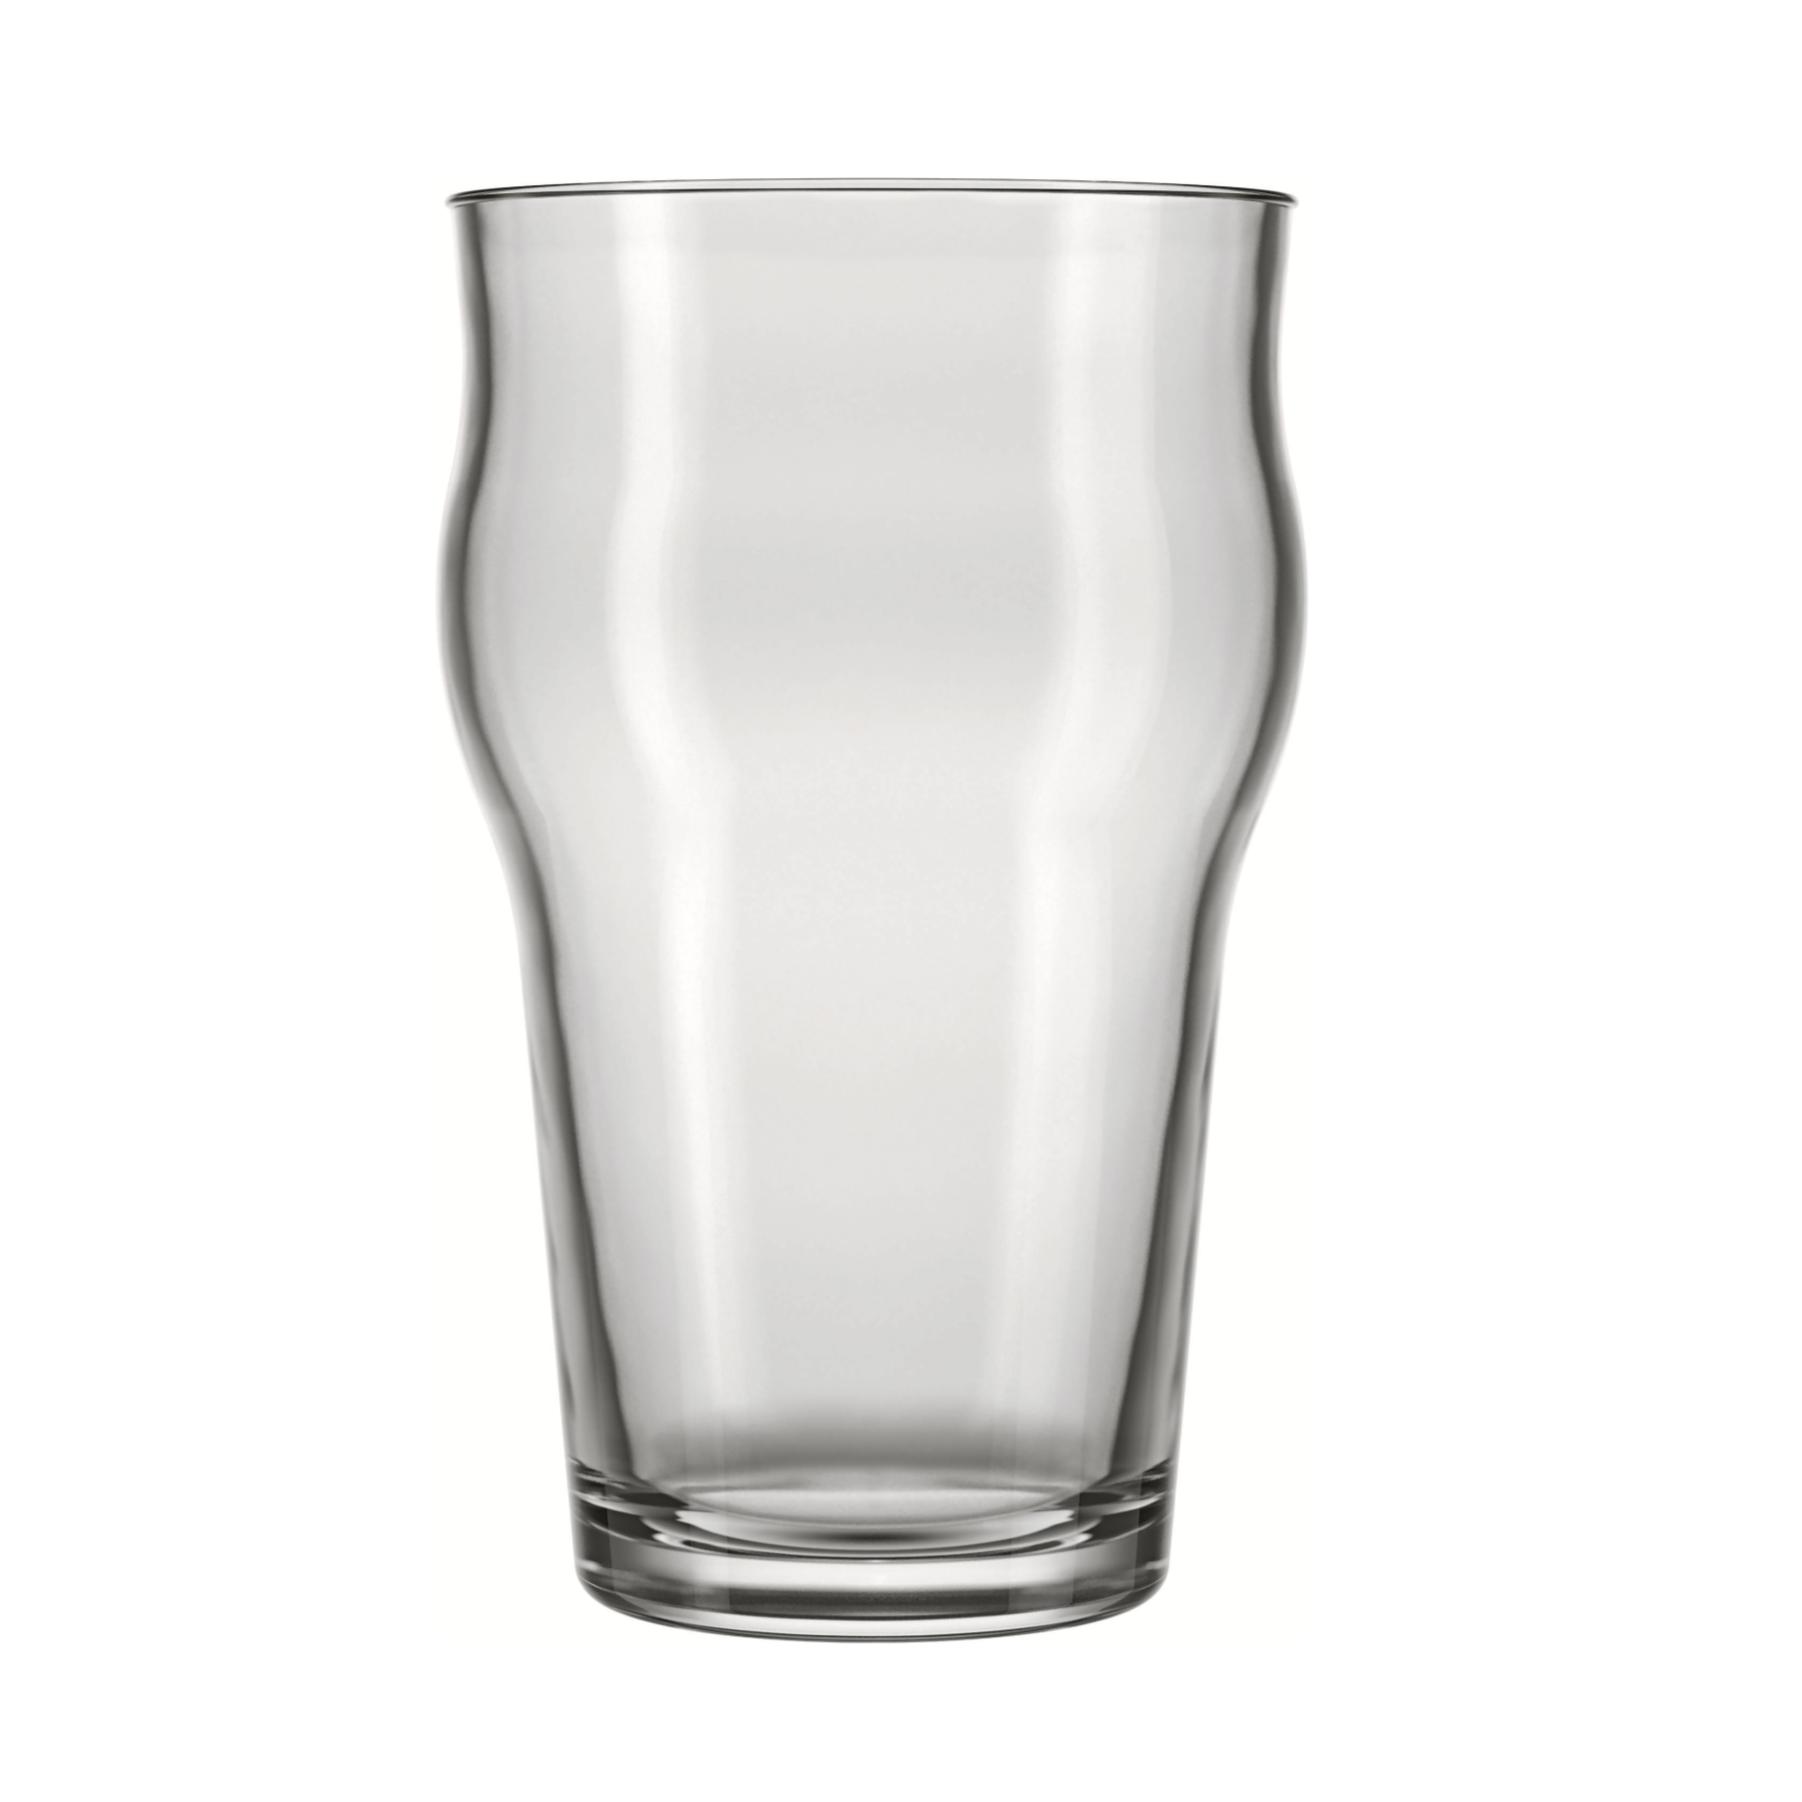 Copo de Cerveja de Vidro 285ml Transparente - Stout Nadir